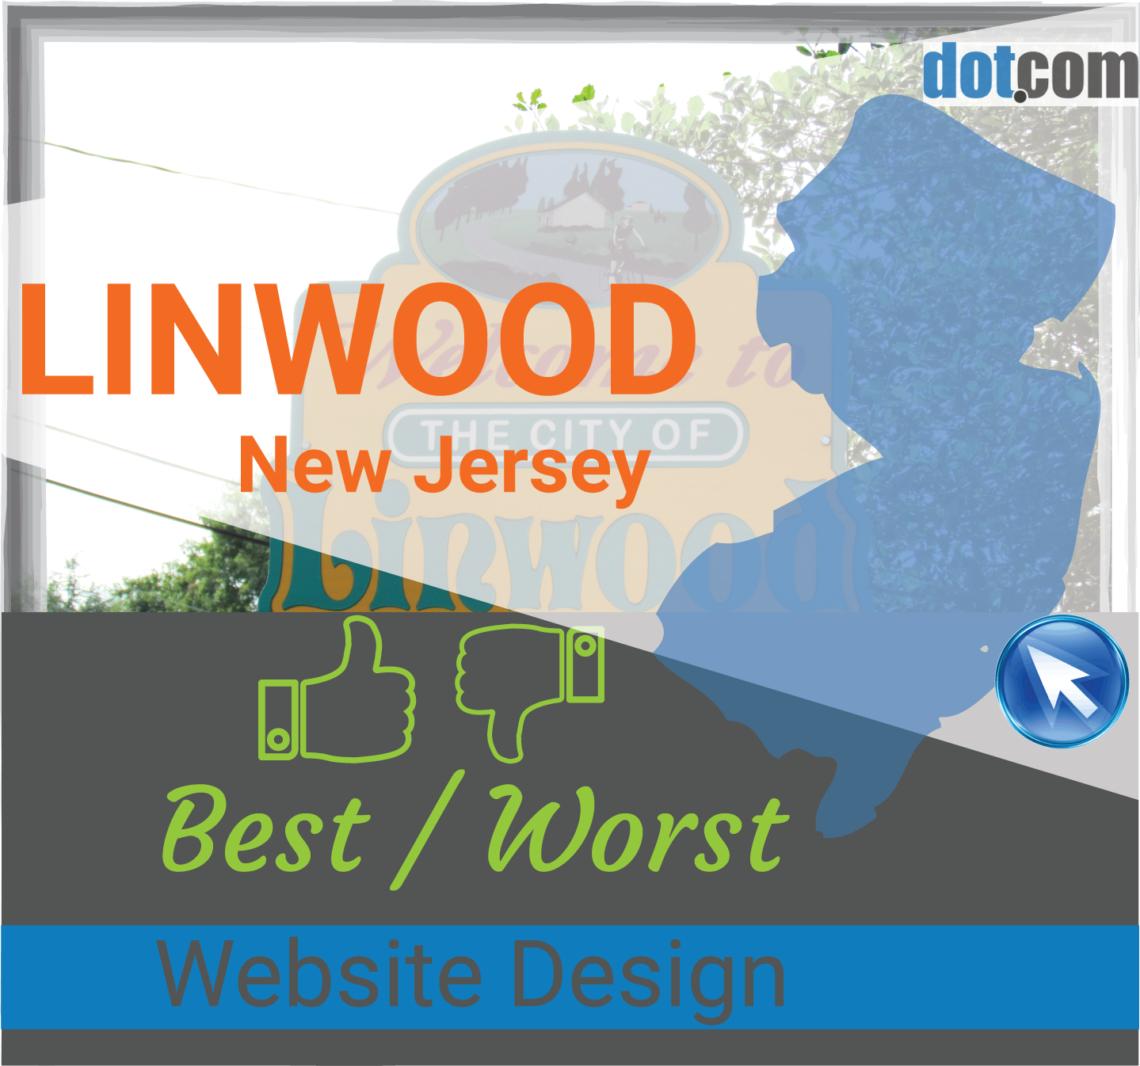 Linwood NJ Website Design